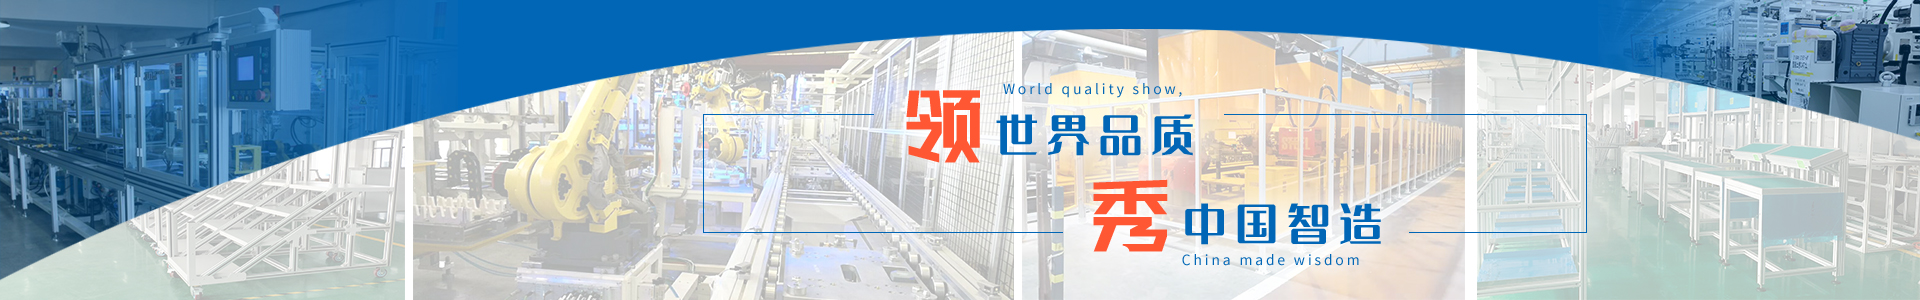 美诚铝业领世界品质.秀中国智造